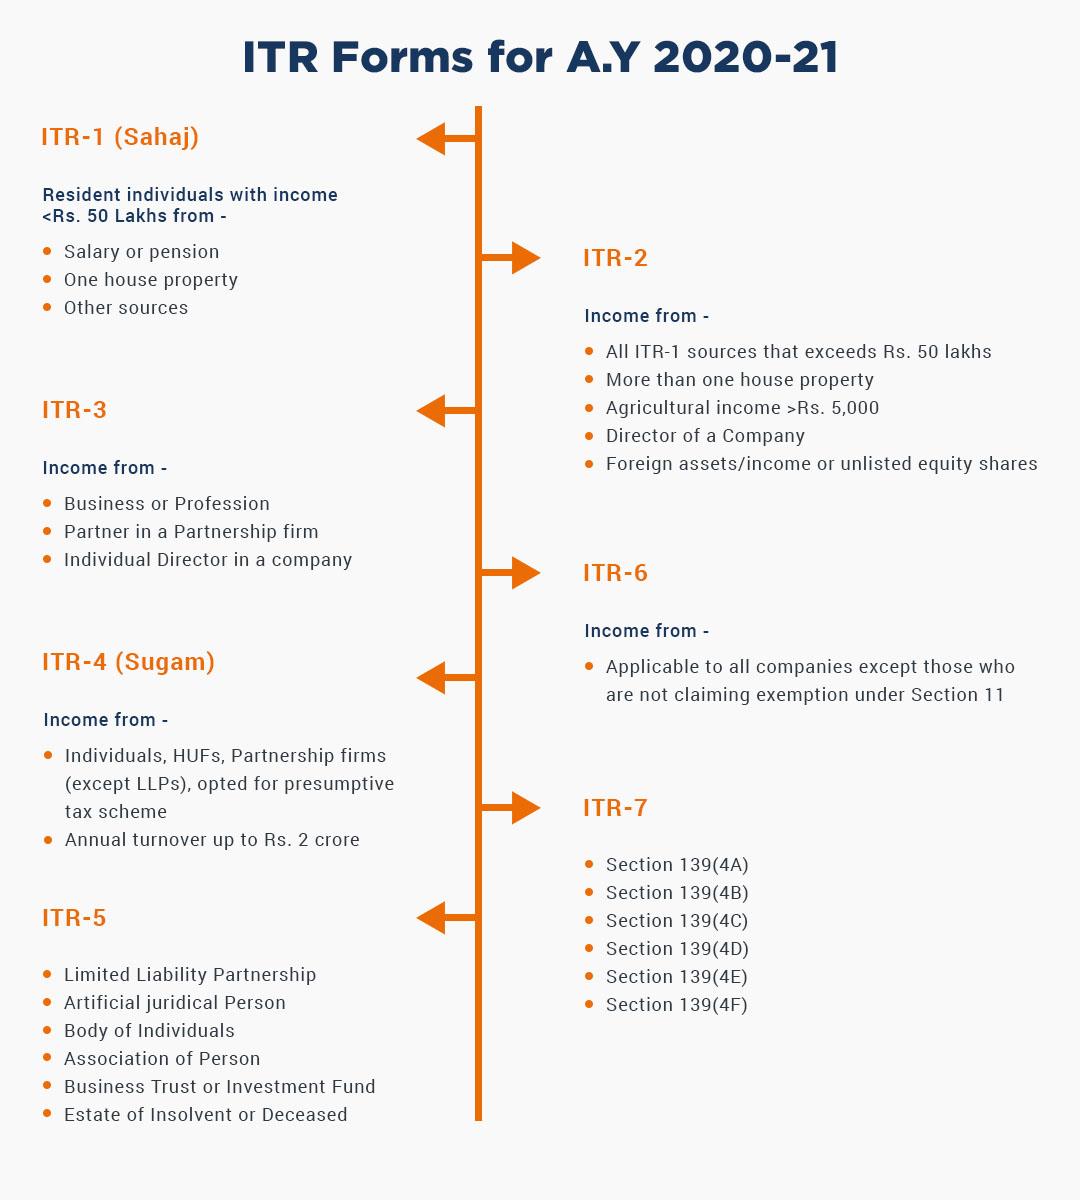 ITR InfoGraphic